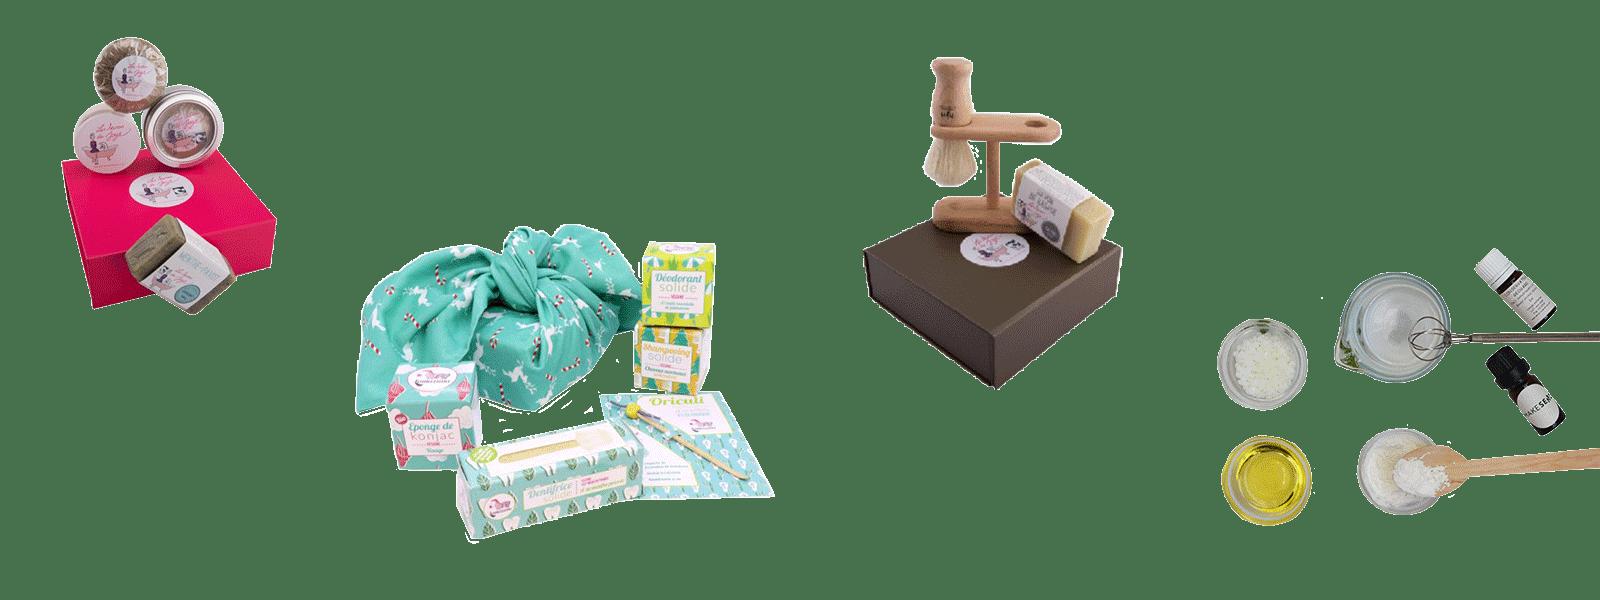 idées cadeaux zéro déchets soins